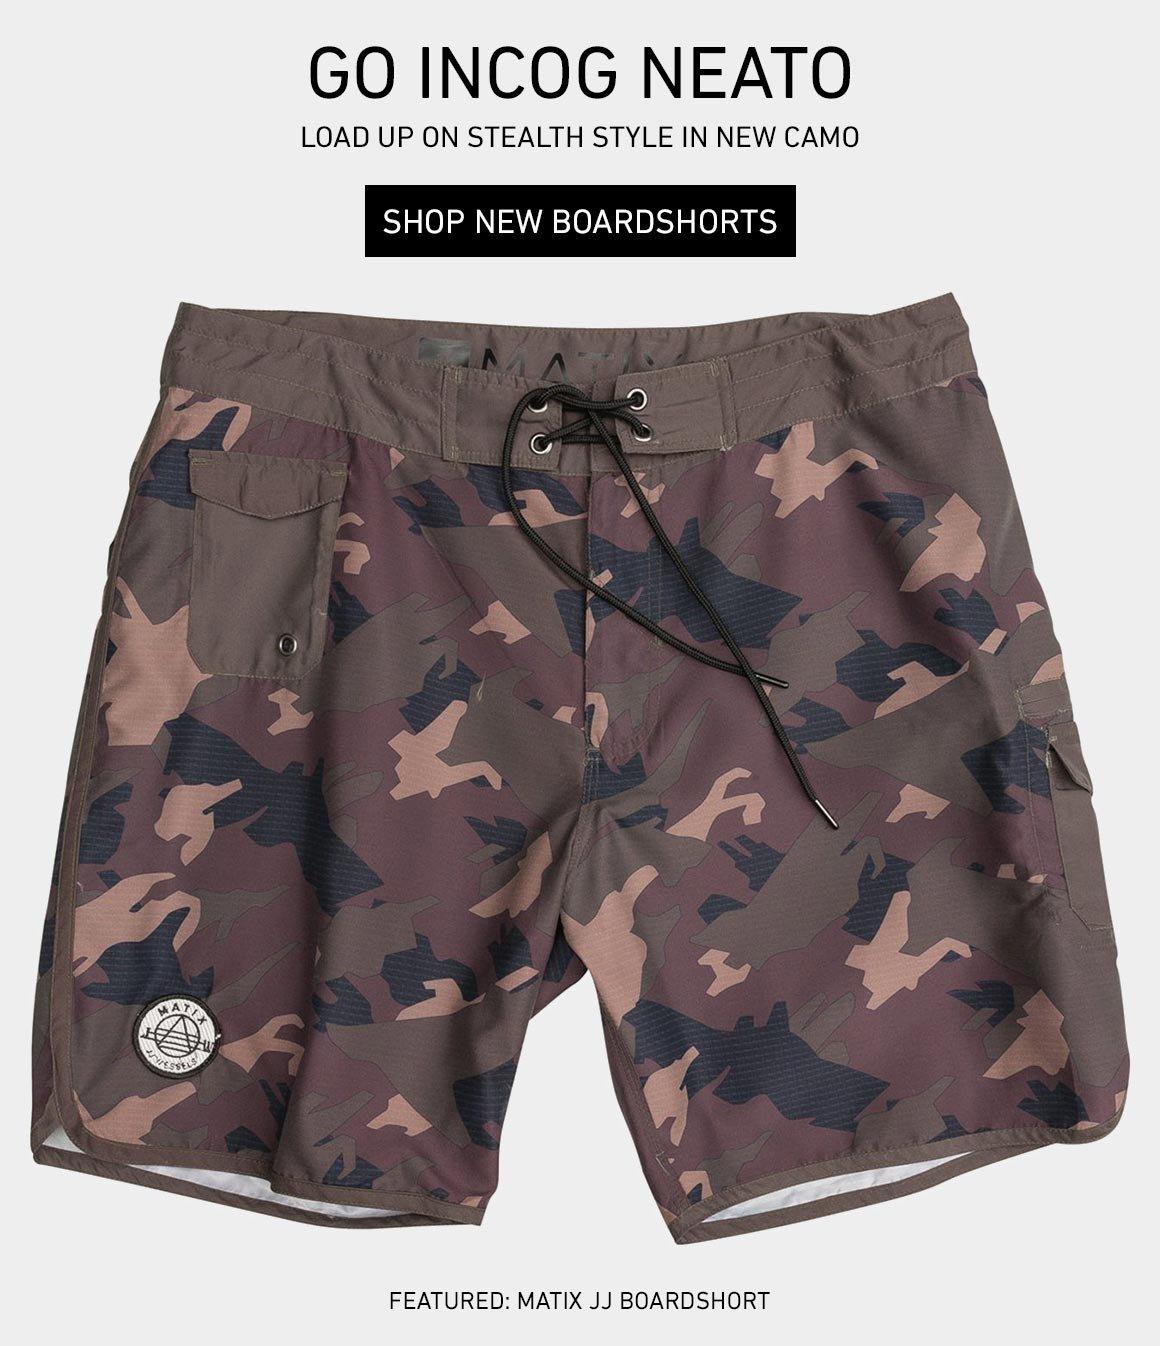 Incog Neato: New Camo Boardshorts